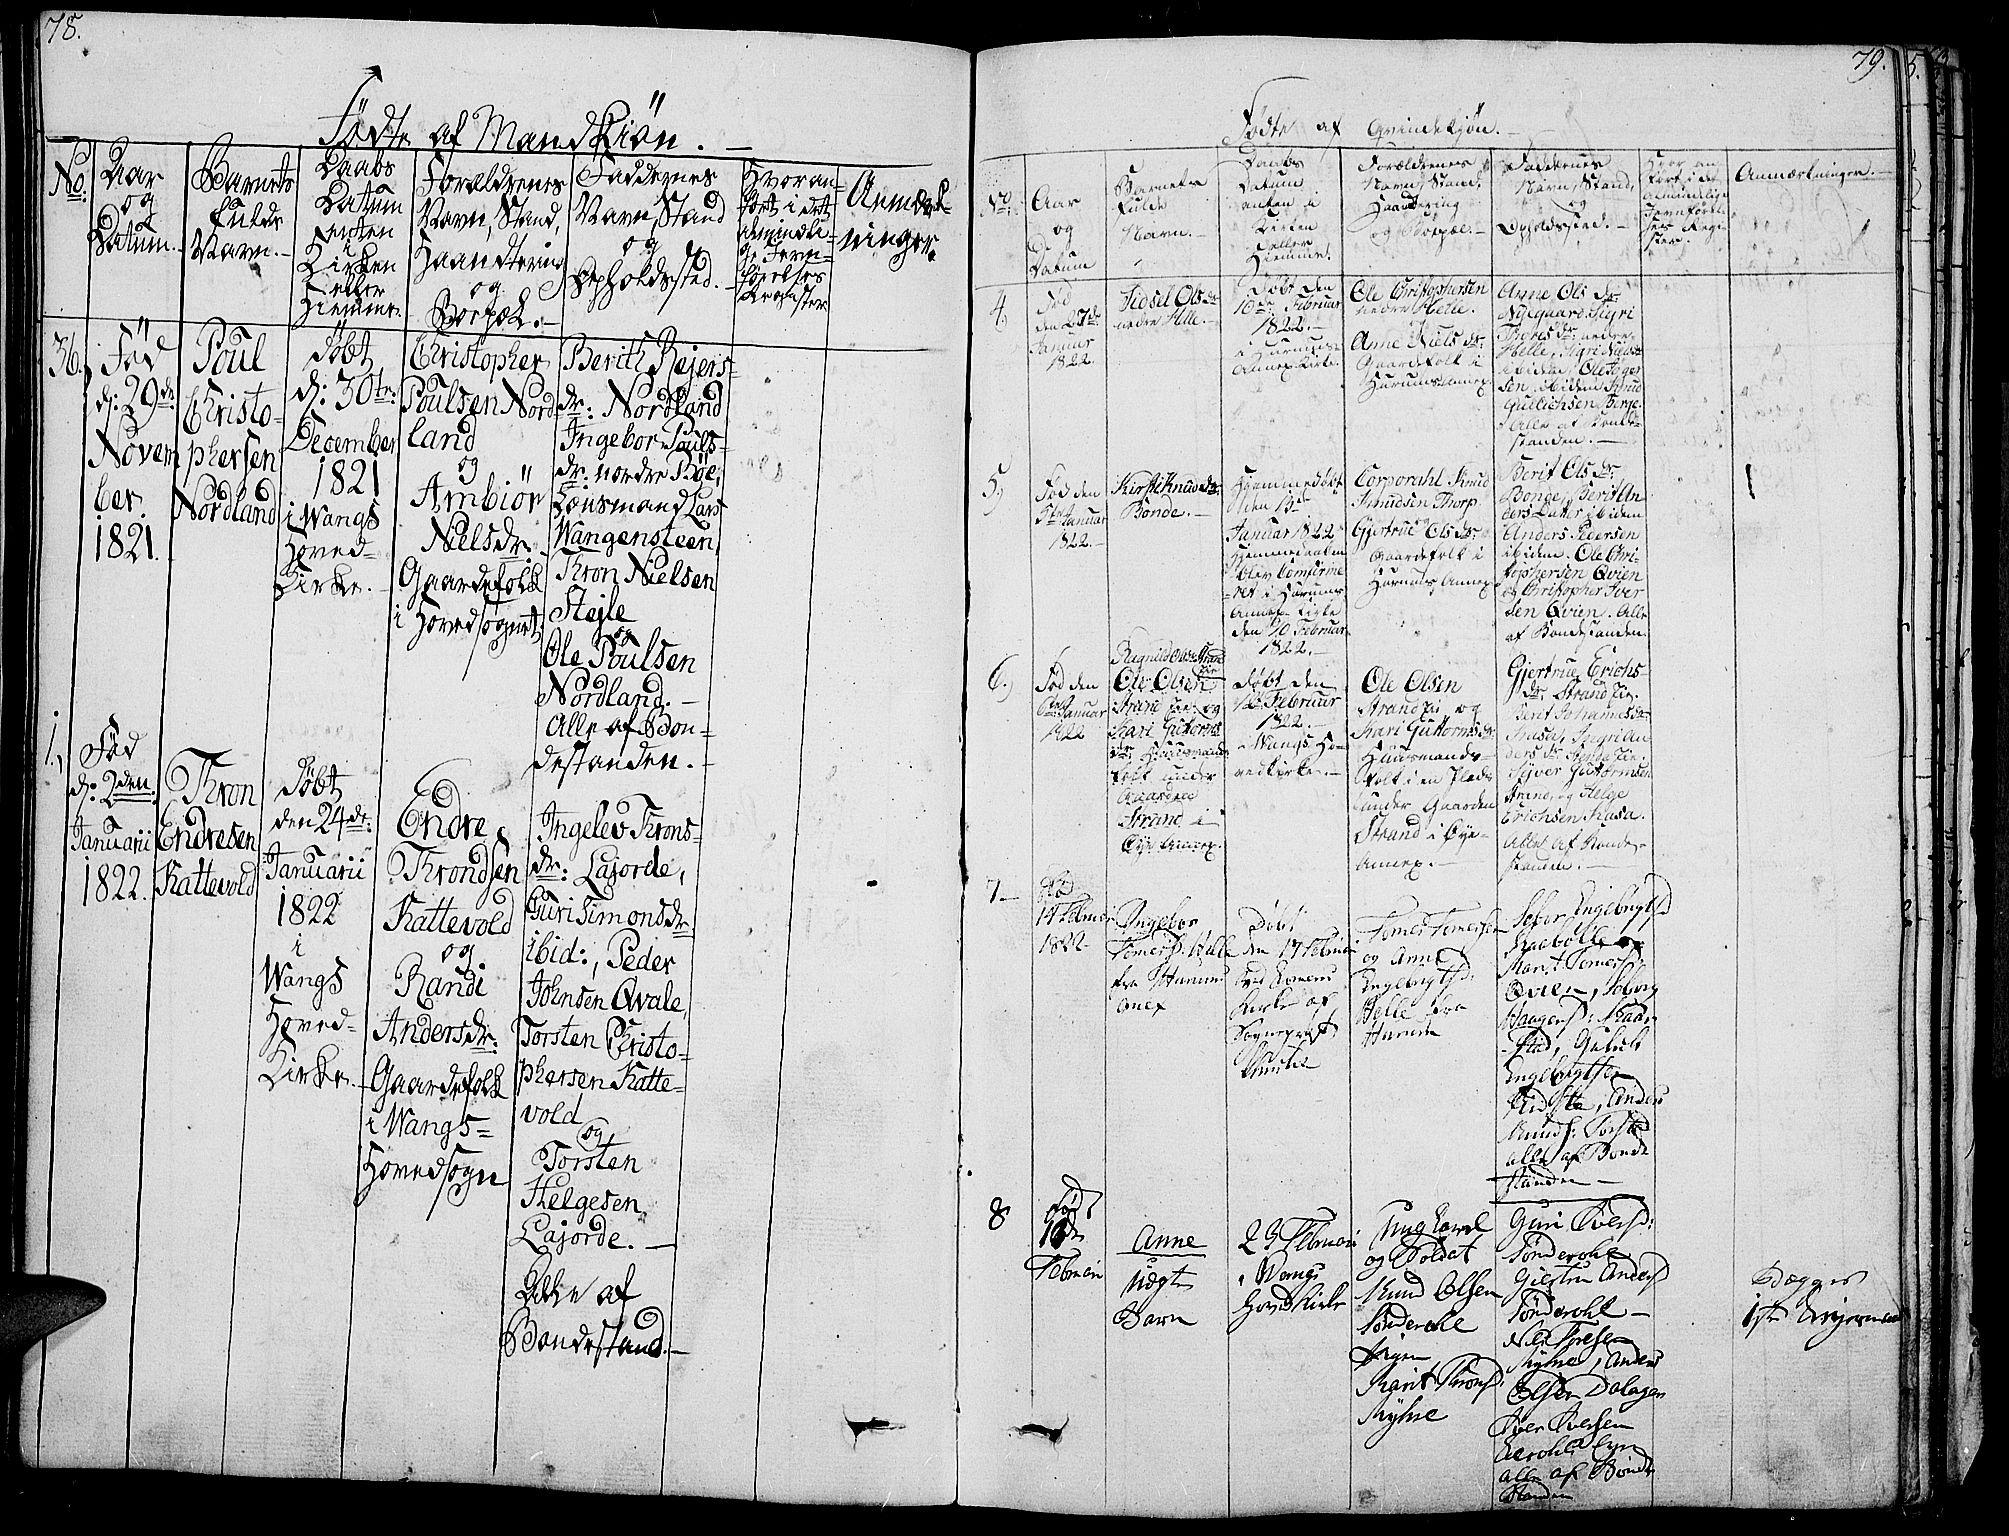 SAH, Vang prestekontor, Valdres, Ministerialbok nr. 3, 1809-1831, s. 78-79